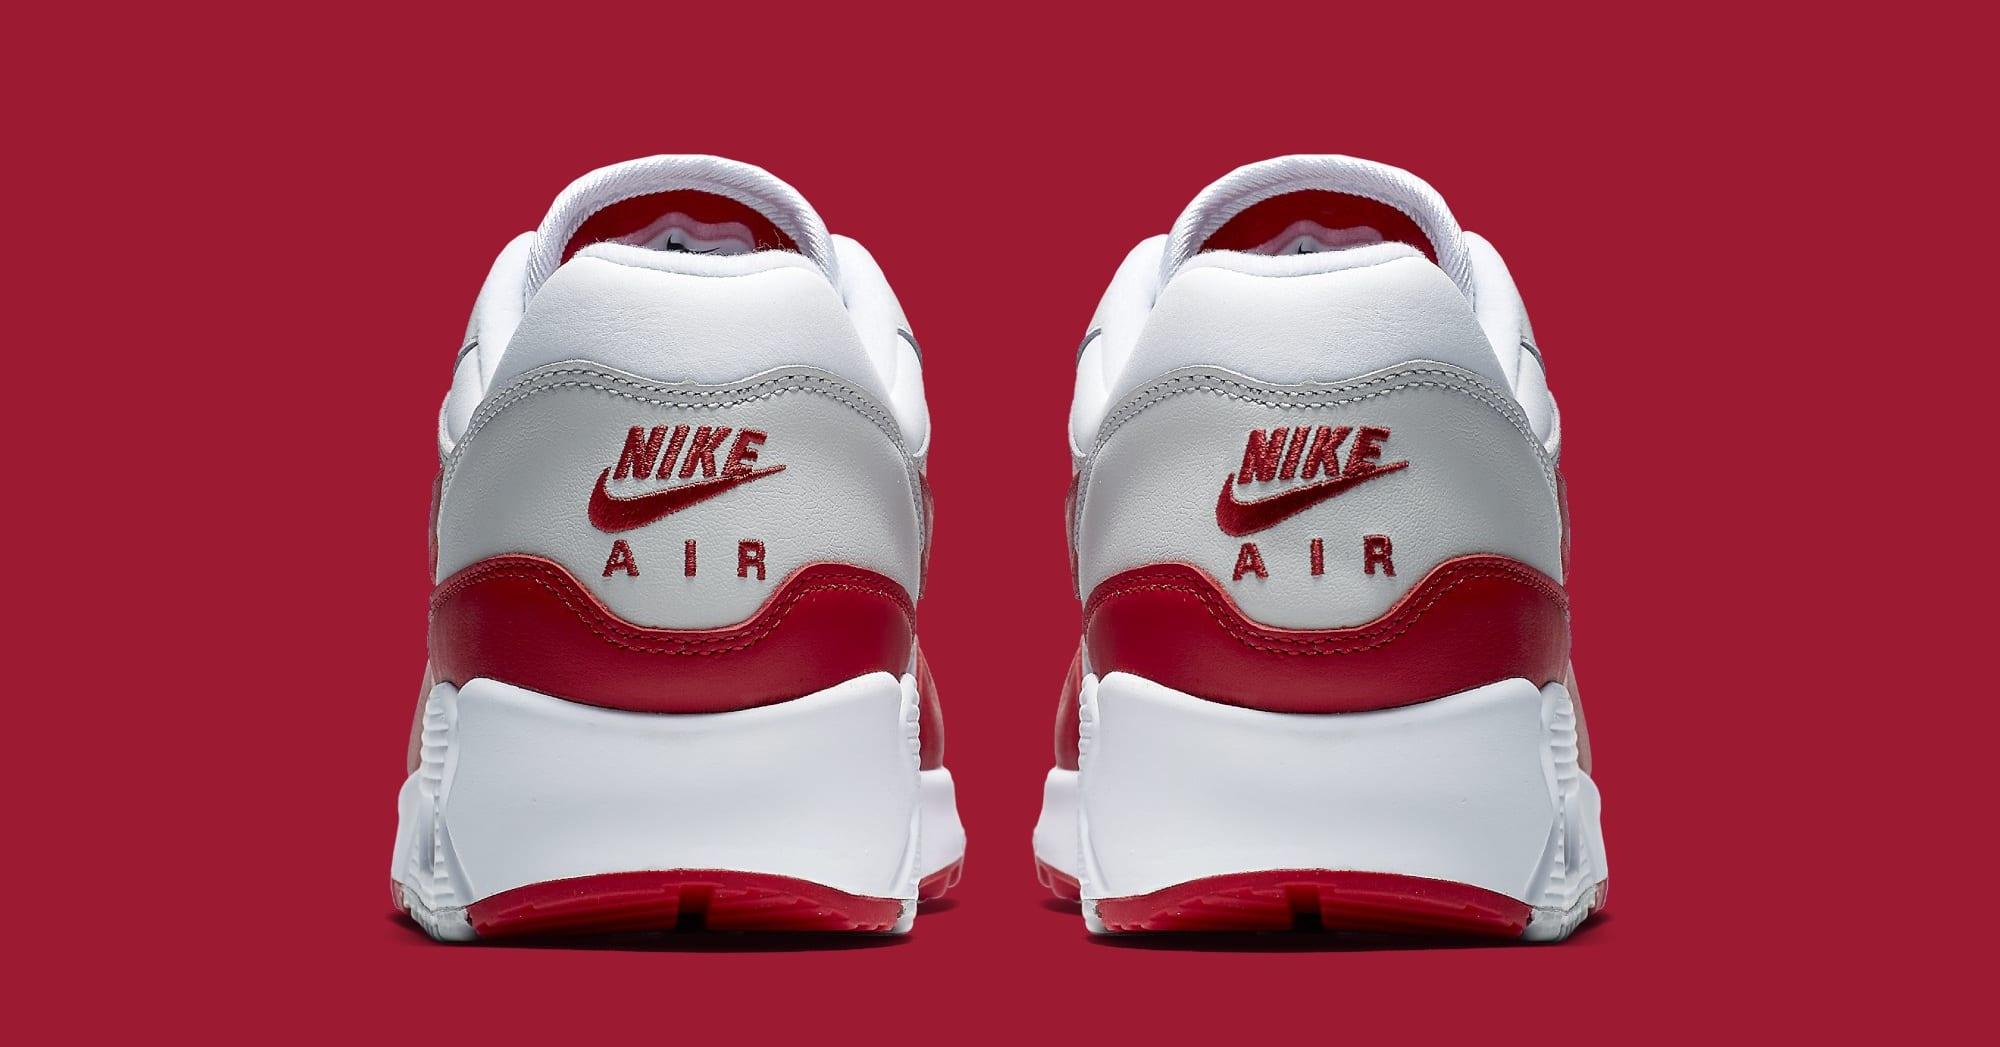 Nike Air Max 90/1 'White/Red' AJ7695-100 (Heel)